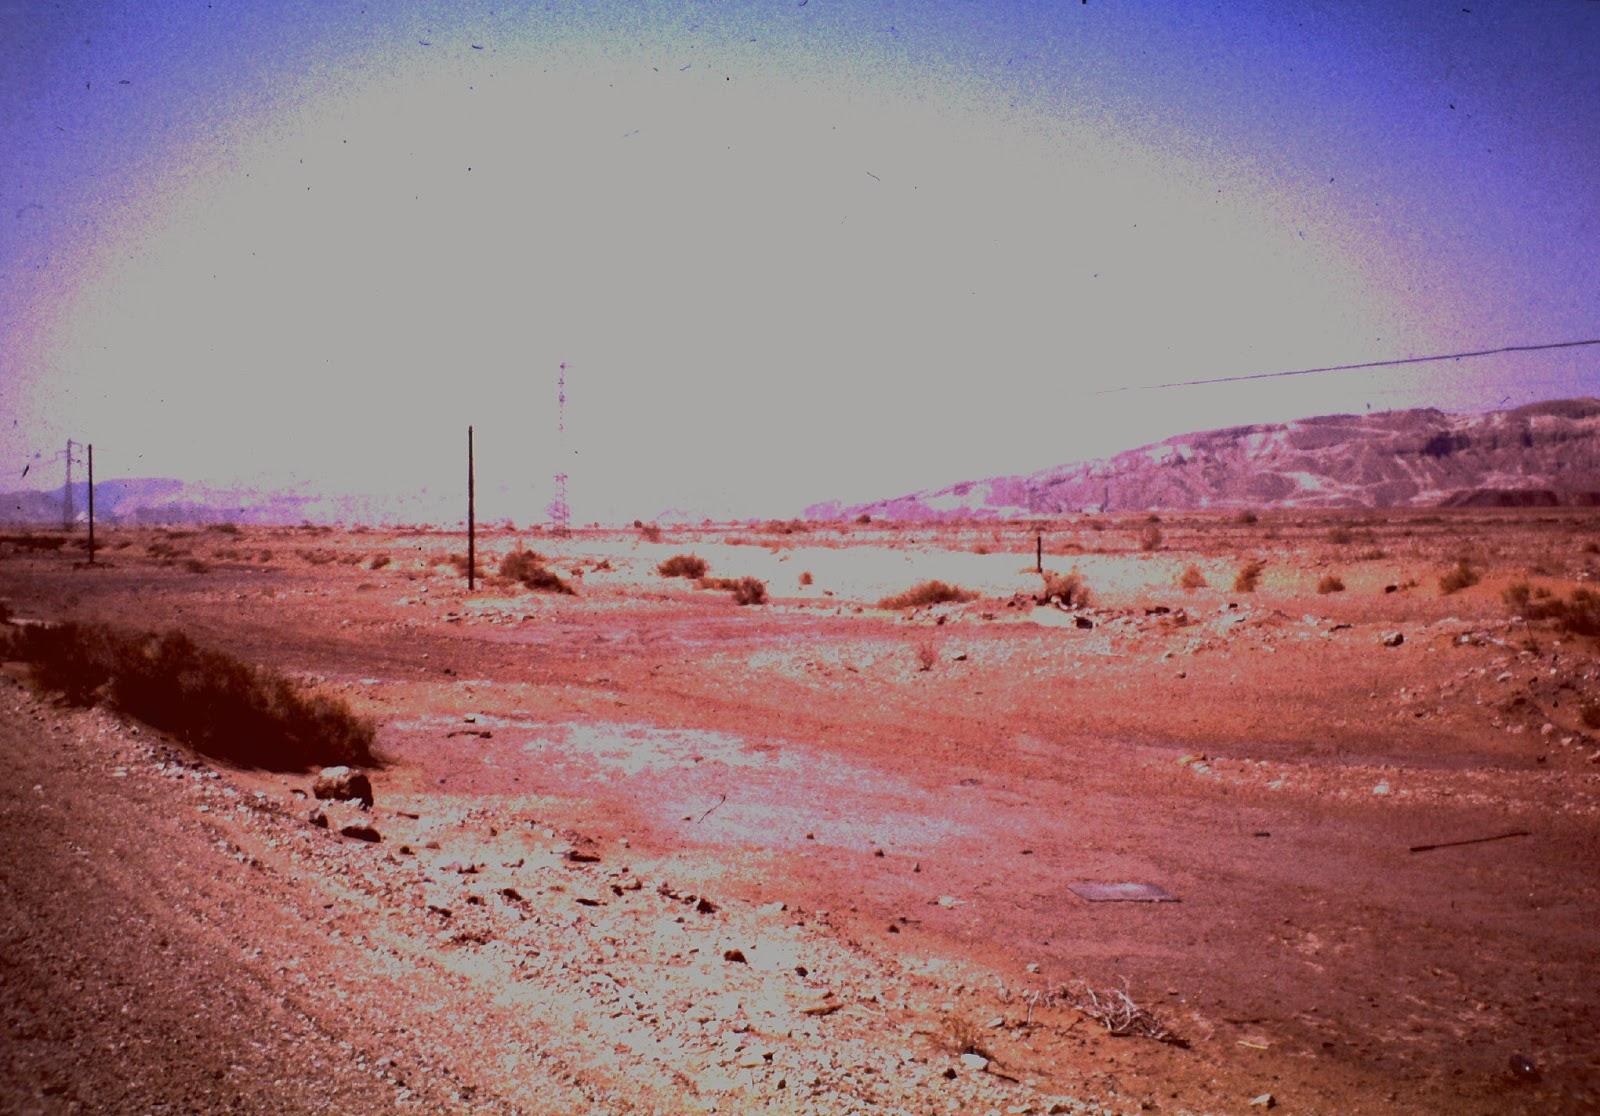 Völlig überbelichtetes Bild eine Sonnenaufgangs in der Negev Wüste. Oder ein Atombombentest, wer weiss.